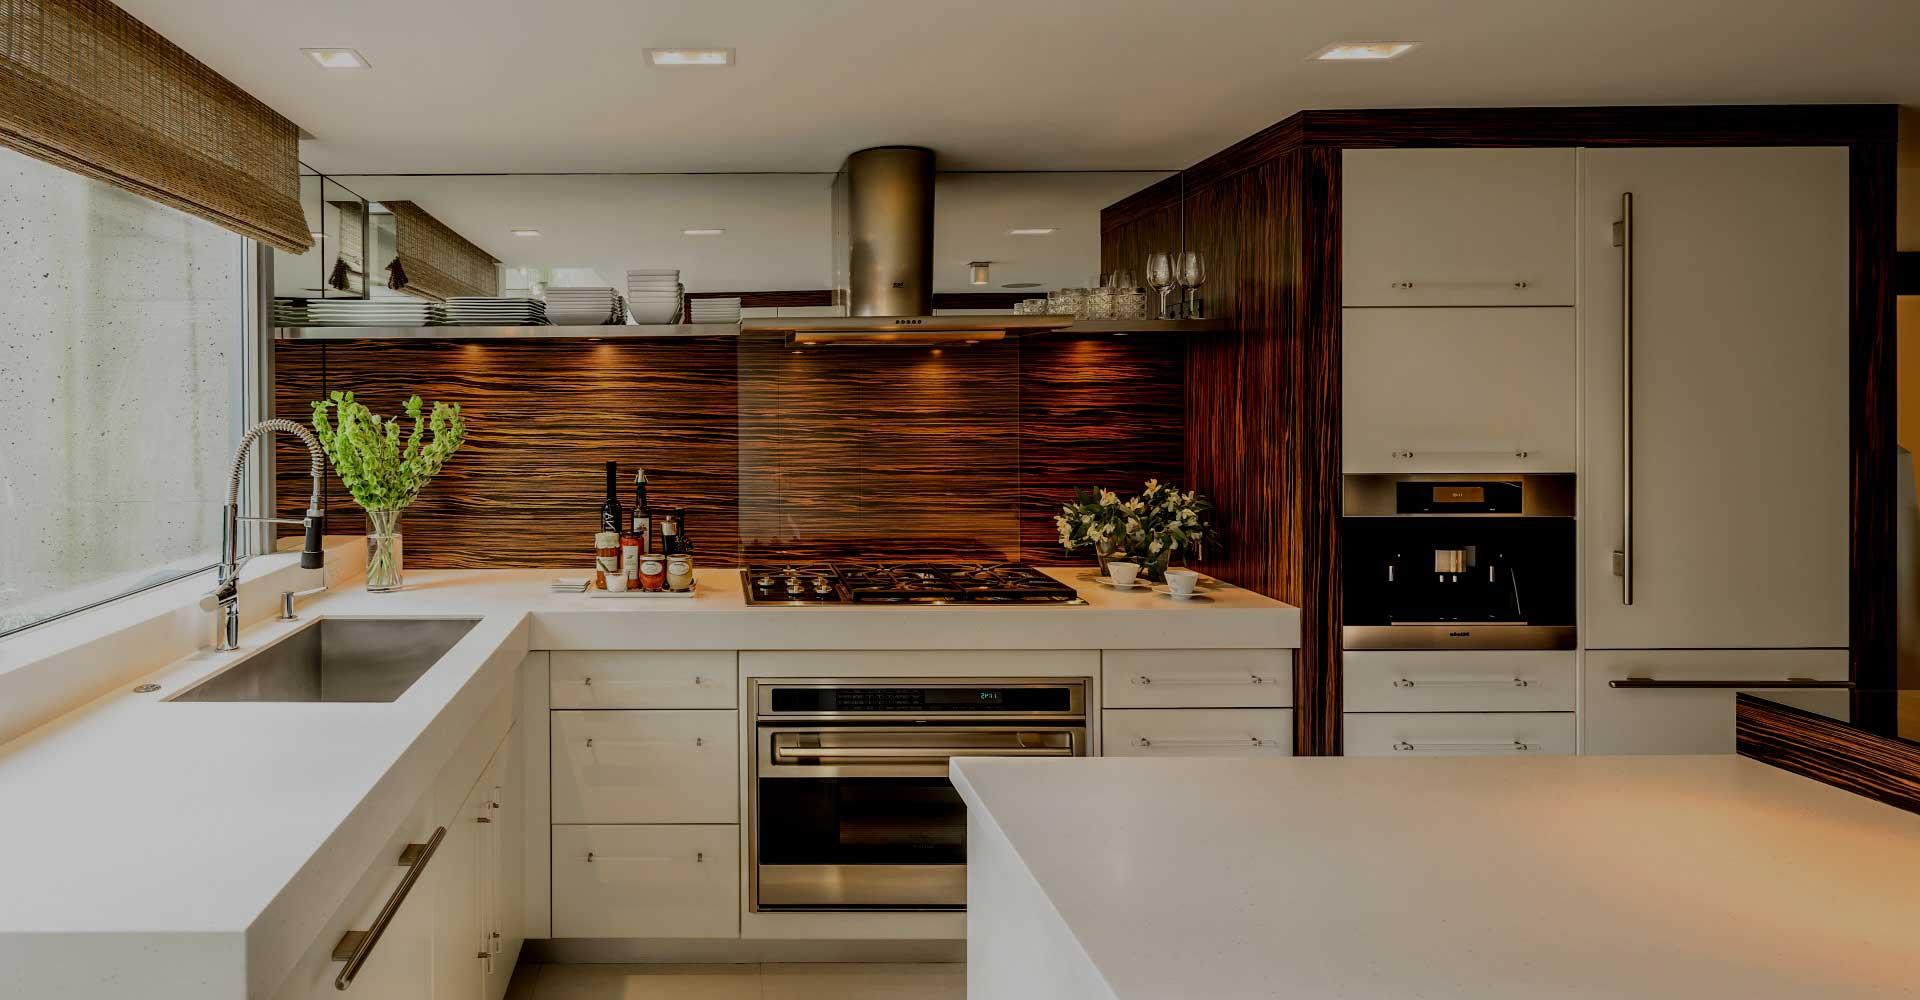 Remodelação de cozinhas